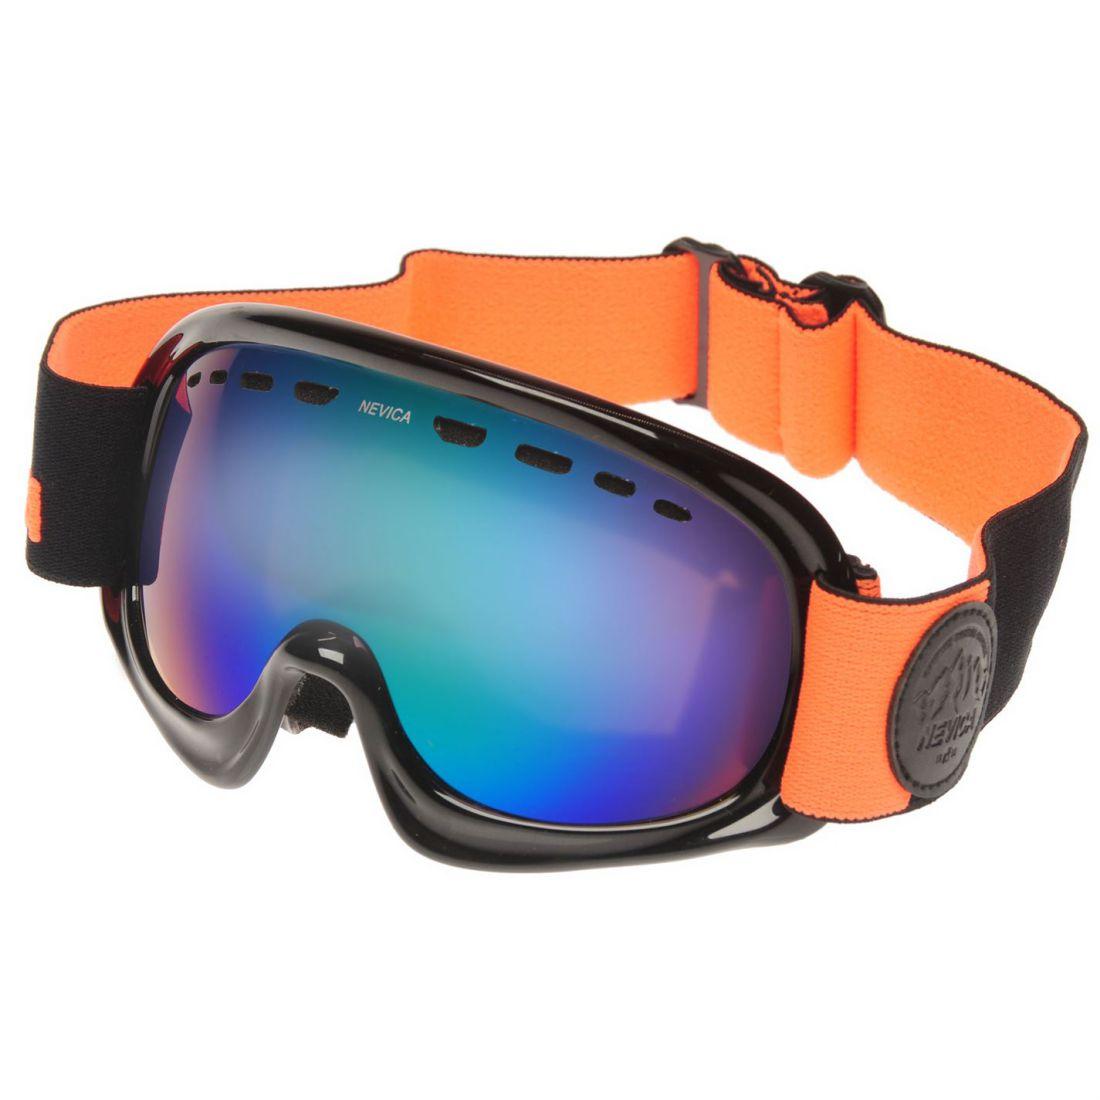 2335dbed59 No Fear Mens Boost Ski Goggles Headstrap